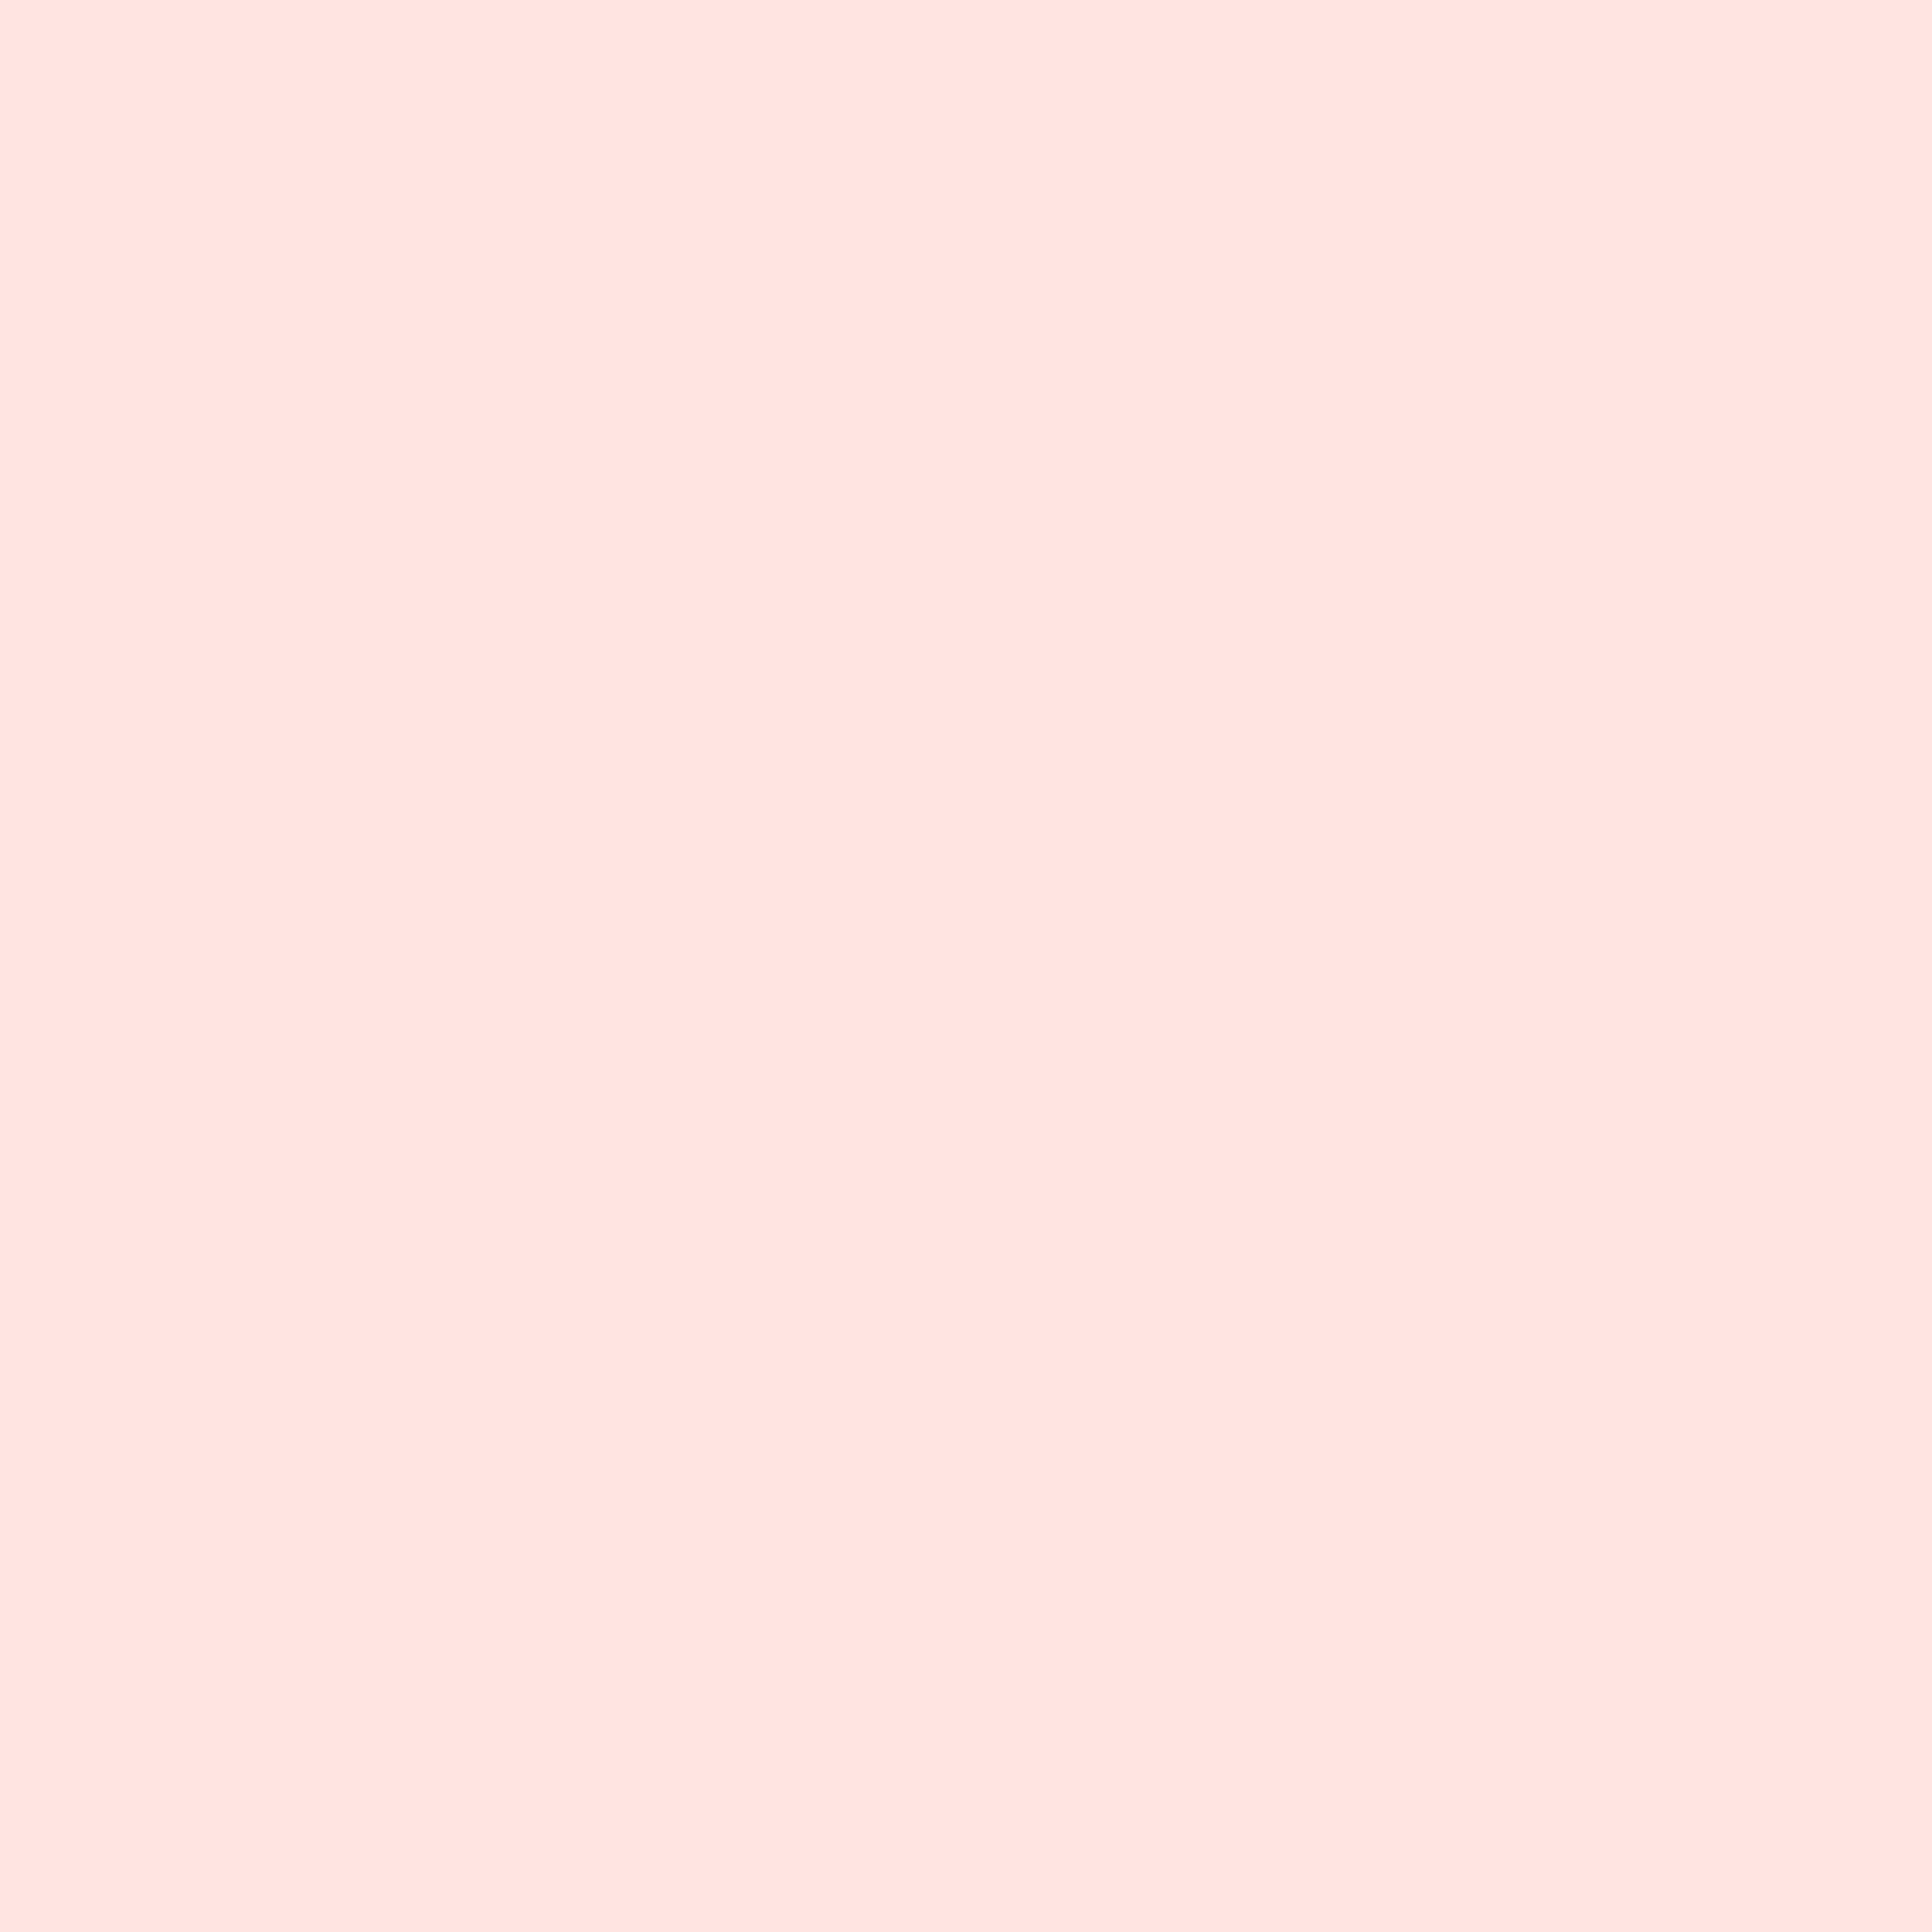 3600x3600 Misty Rose Solid Color Background